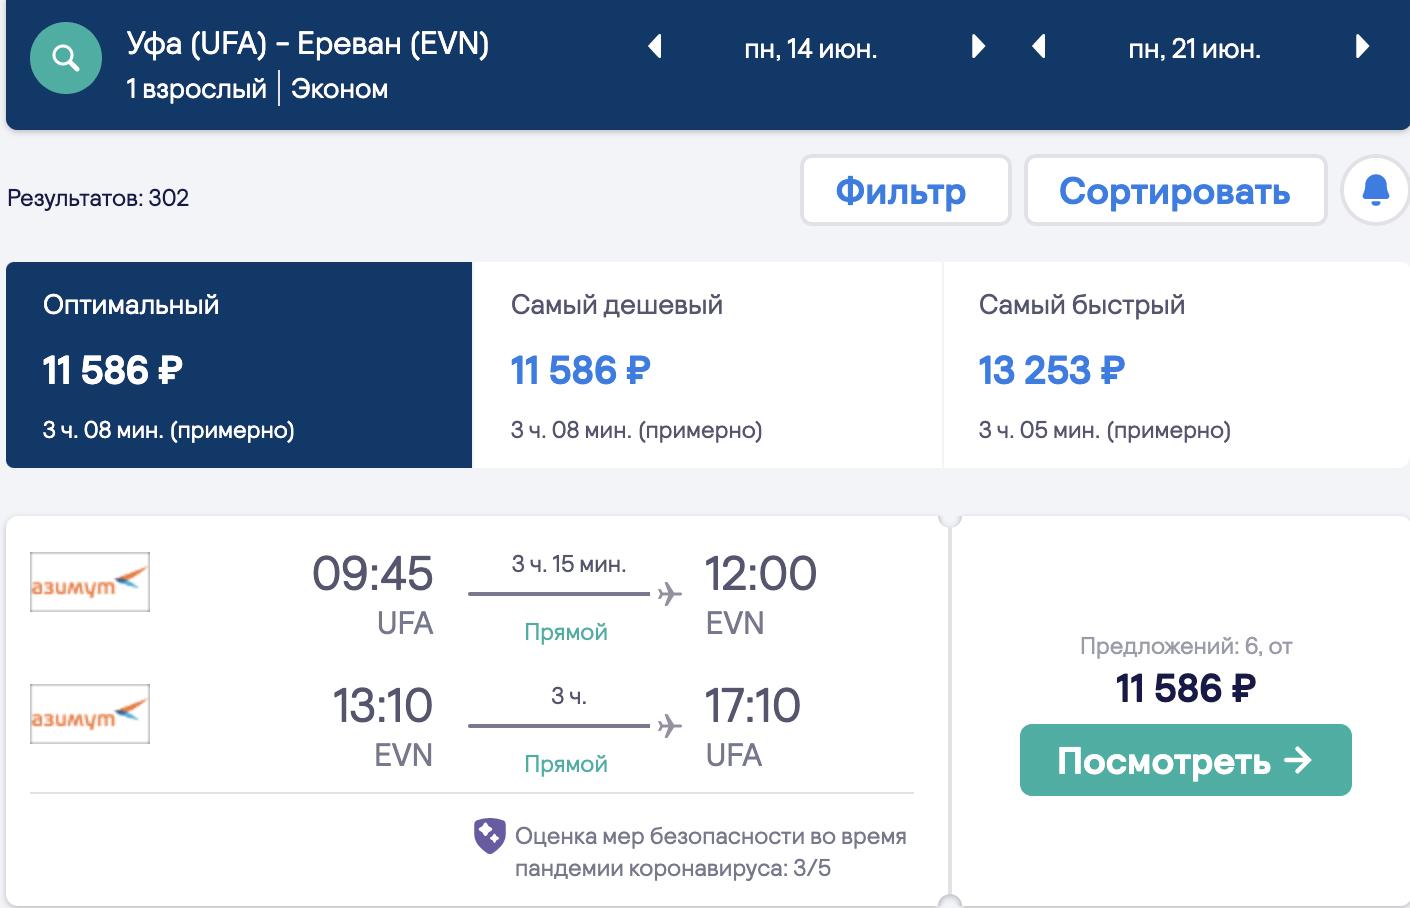 Азимут открывает новые рейсы: из Уфы в Ереван от 11600₽ туда-обратно (все лето)